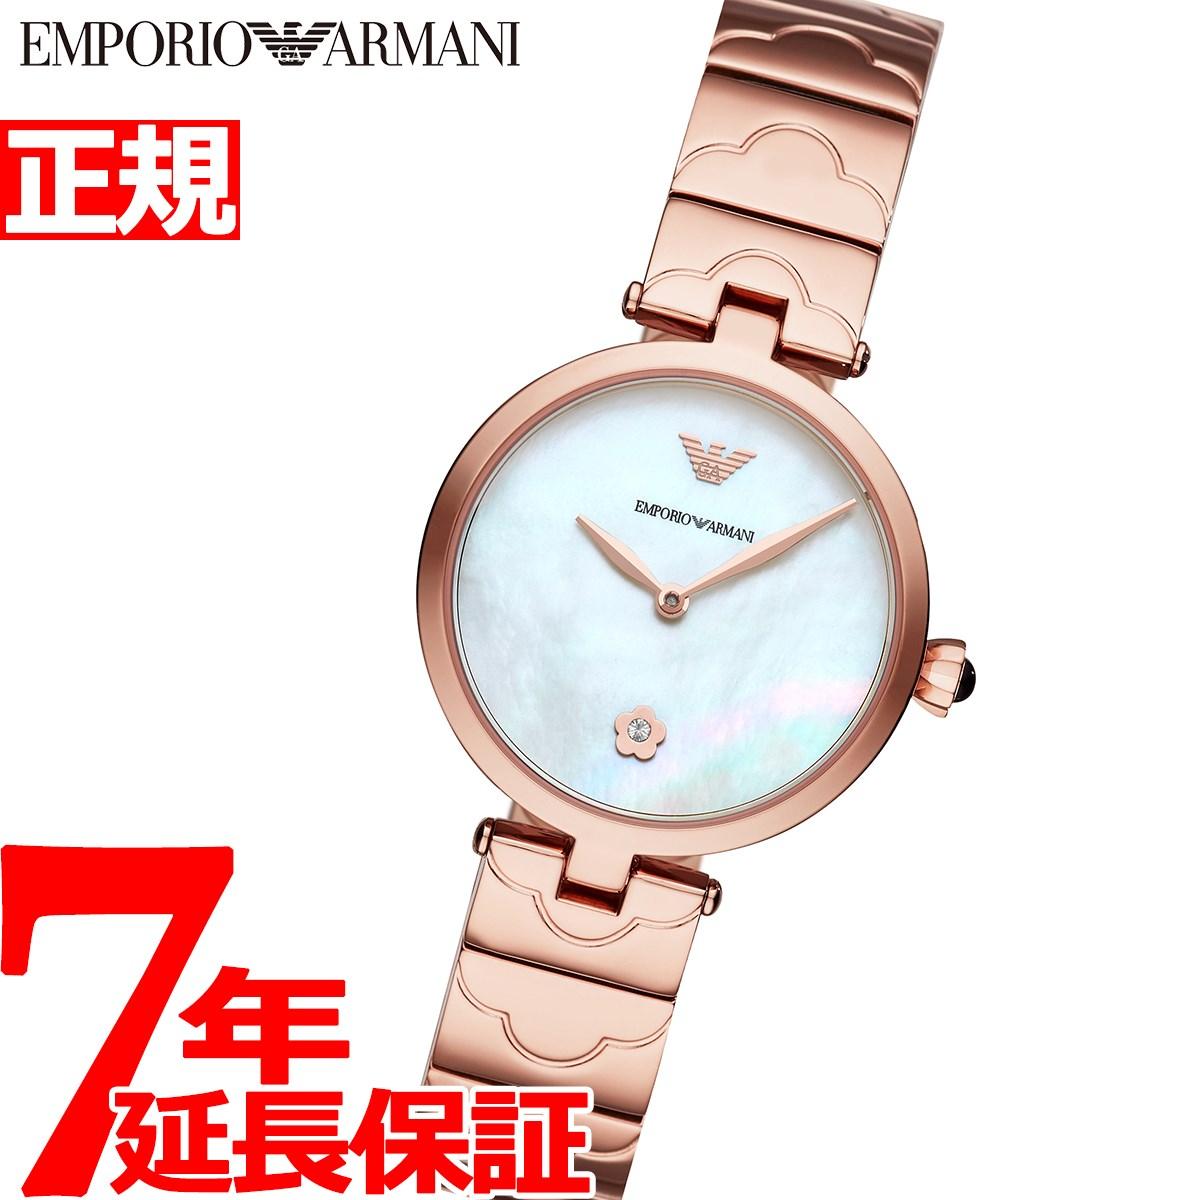 今だけ!店内ポイント最大38倍!19日9時59分まで! エンポリオアルマーニ EMPORIO ARMANI 腕時計 レディース AR11236【2019 新作】